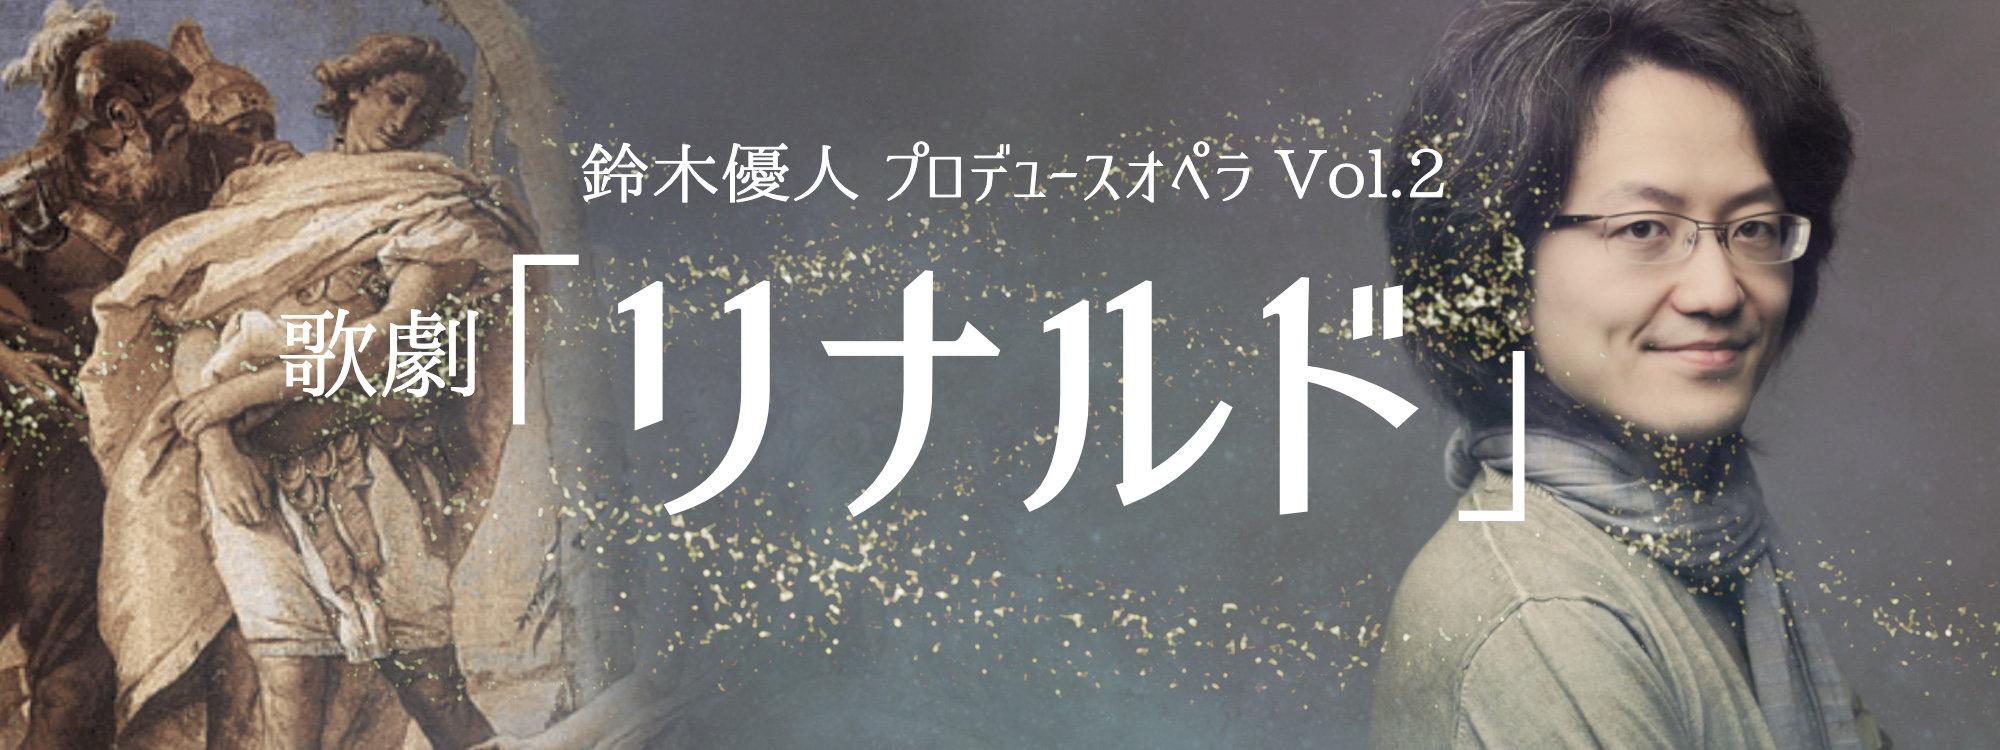 鈴木優人 プロデュースオペラ Vol.2 歌劇「リナルド」